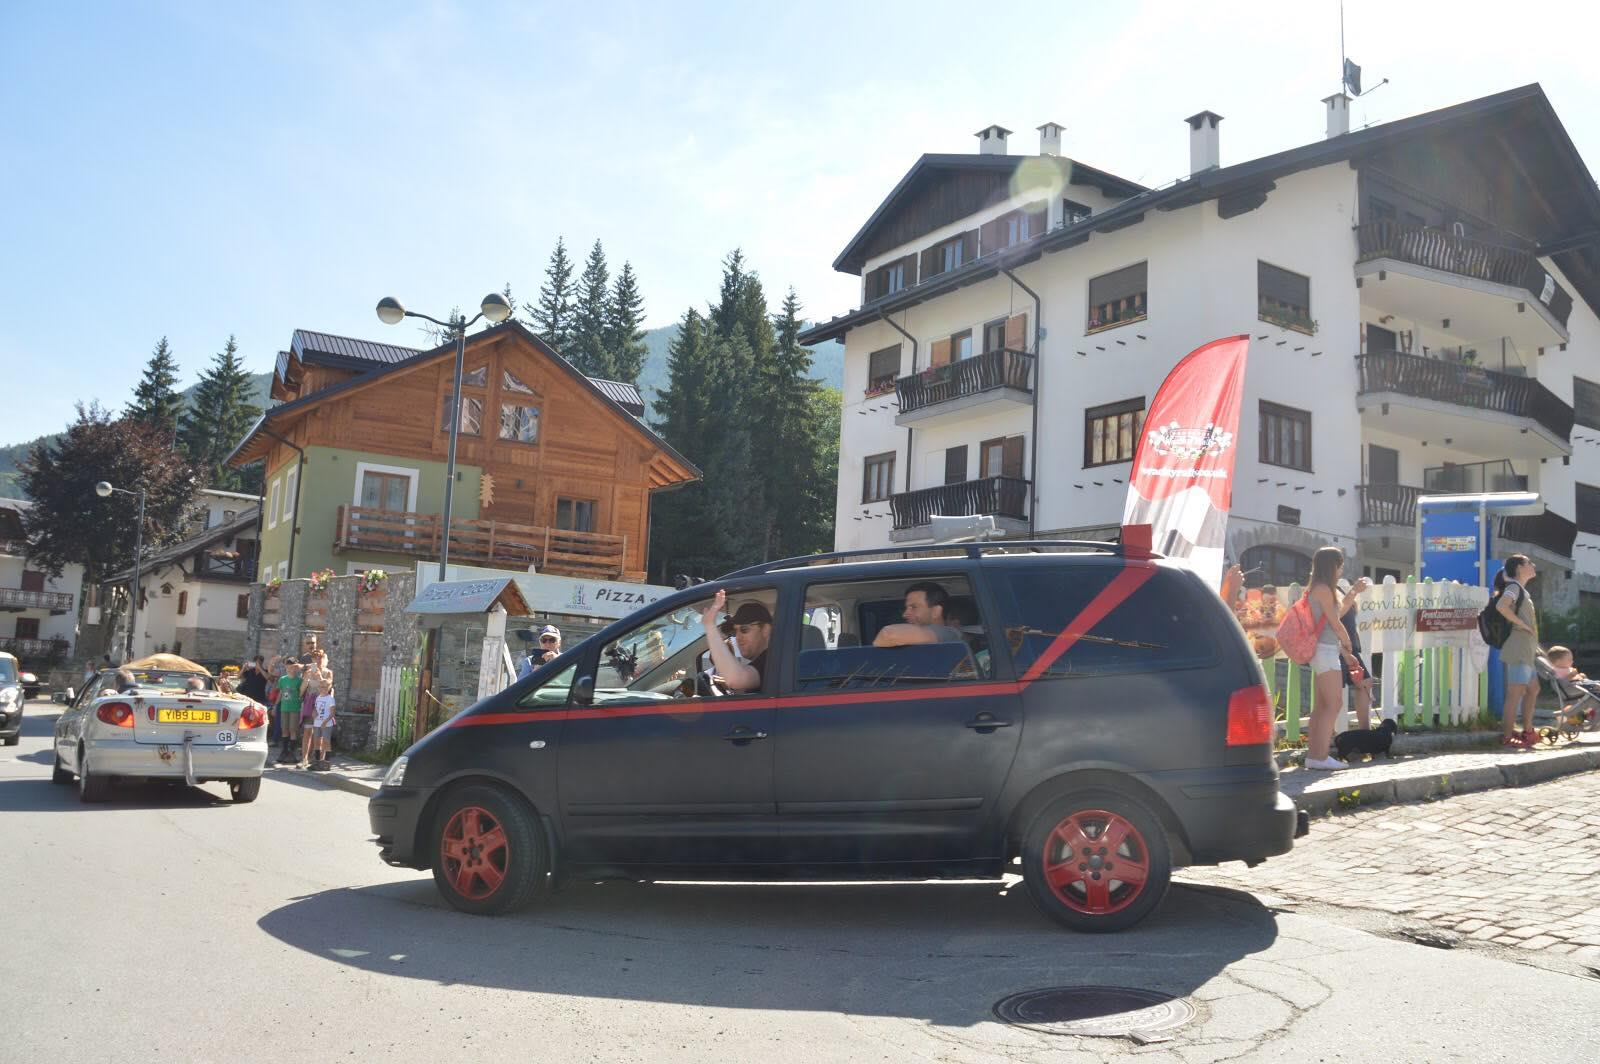 Wacky Rally